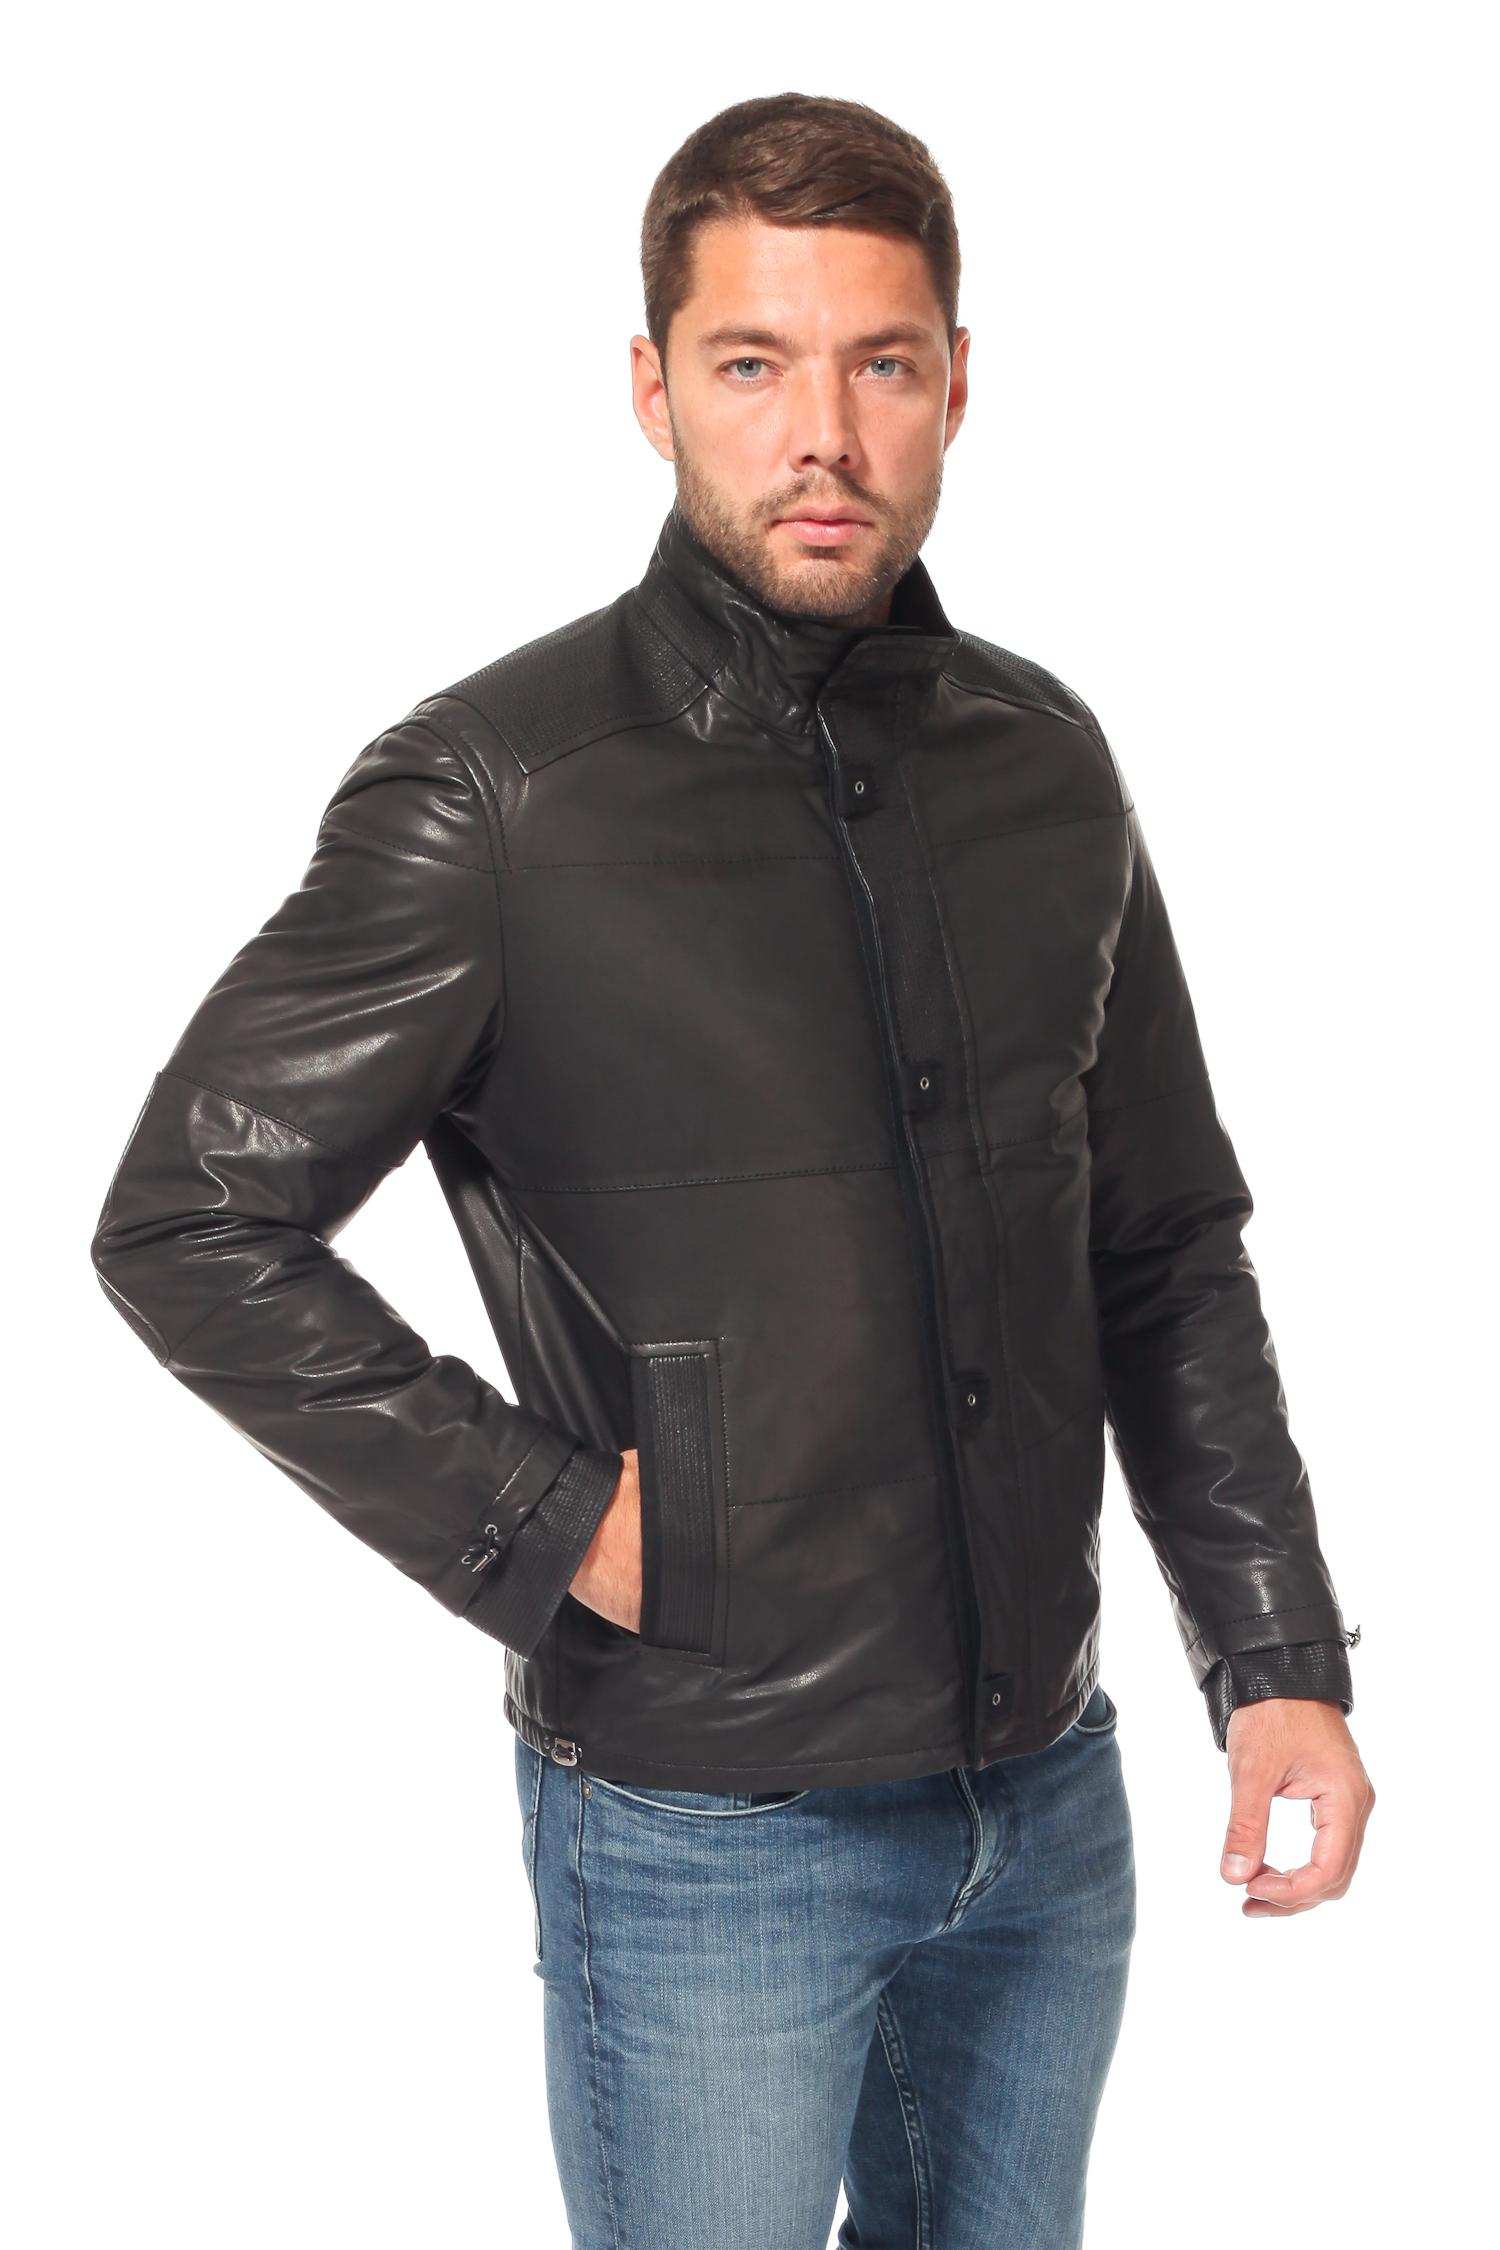 Мужская кожаная куртка из натуральной кожи<br><br>Воротник: стойка<br>Длина см: Короткая (51-74 )<br>Материал: Кожа овчина<br>Цвет: черный<br>Пол: Мужской<br>Размер RU: 60